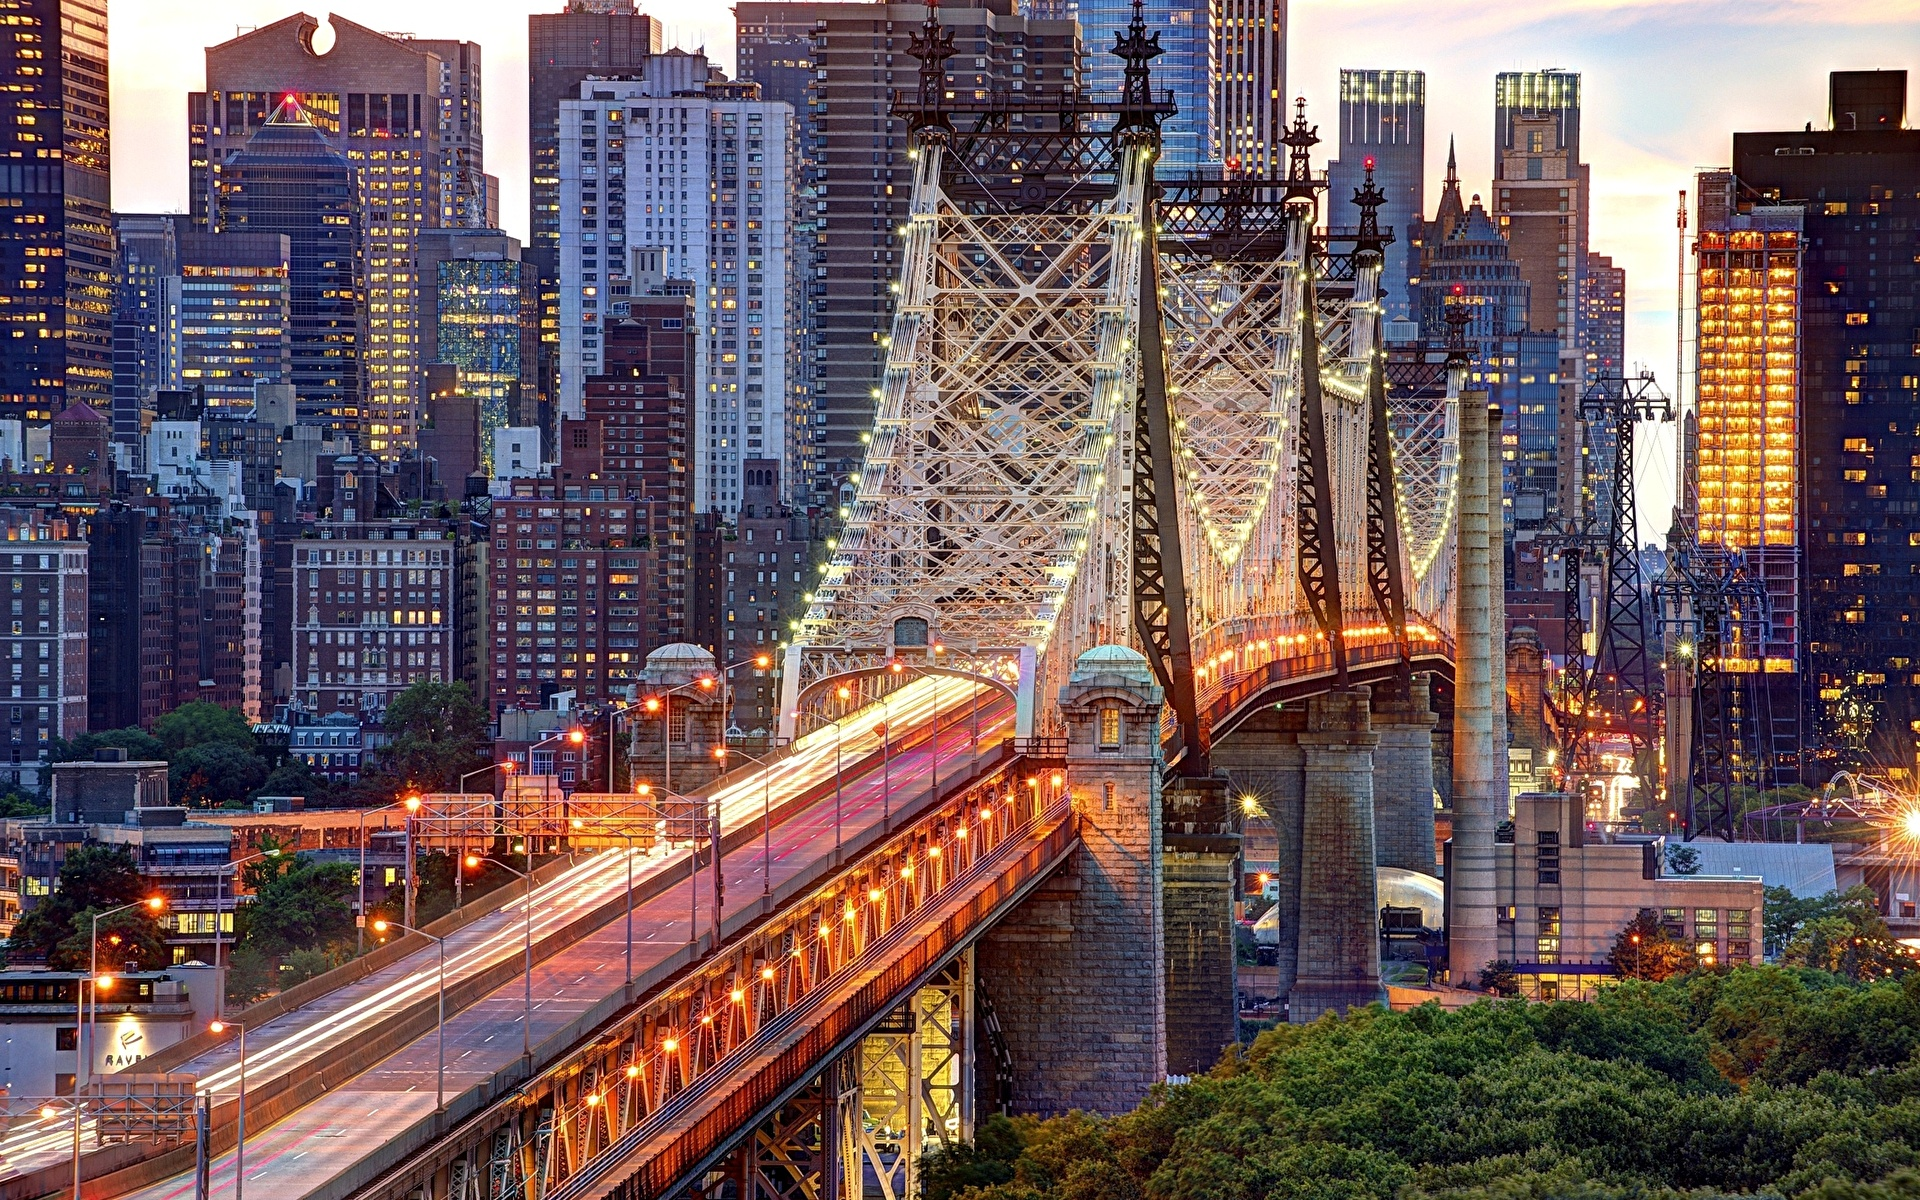 Обои для рабочего стола Нью-Йорк америка Manhattan Queensboro Мосты Здания Города 1920x1200 США штаты мост Дома город